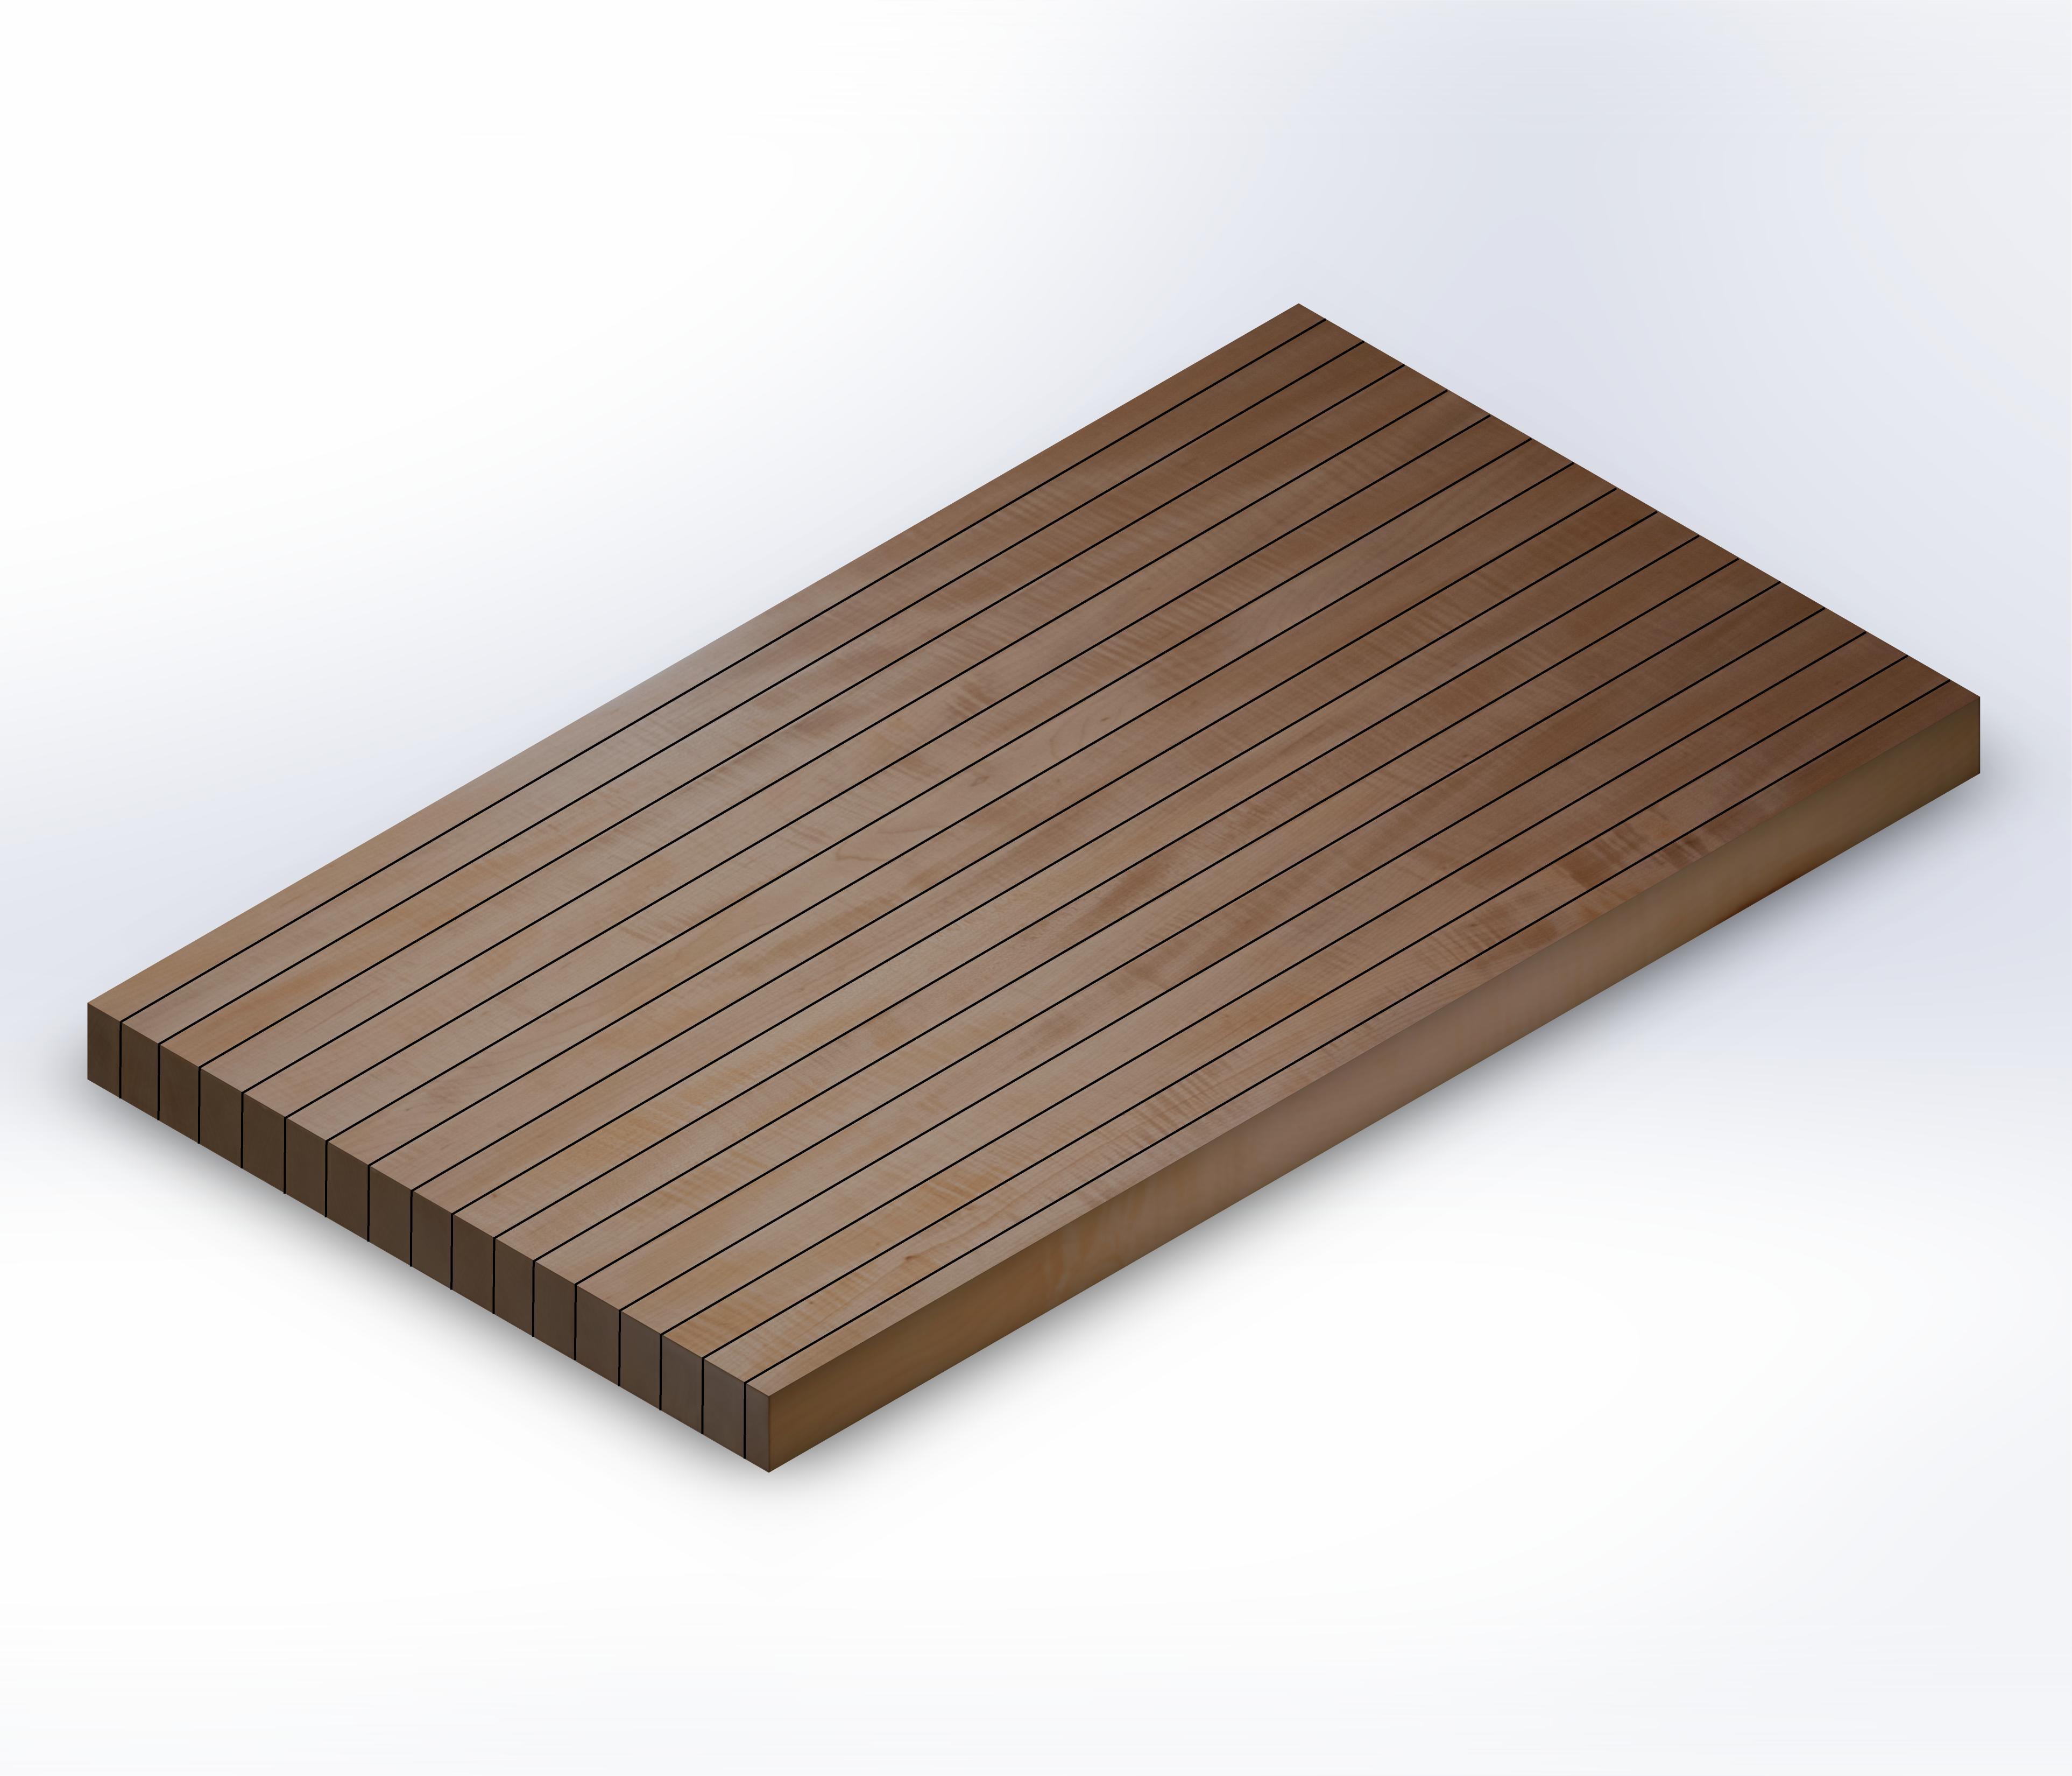 edge-grain-model-no-lines.png